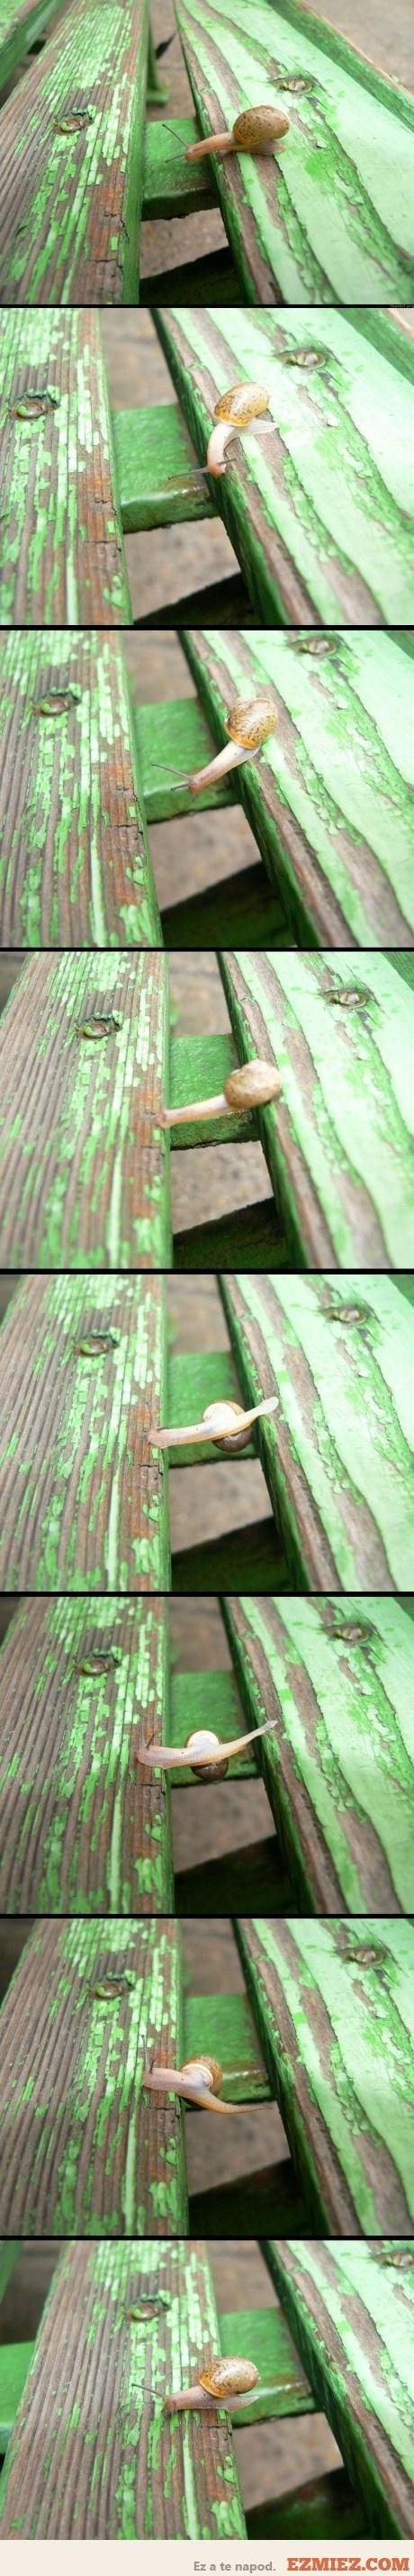 Cool little snail!!